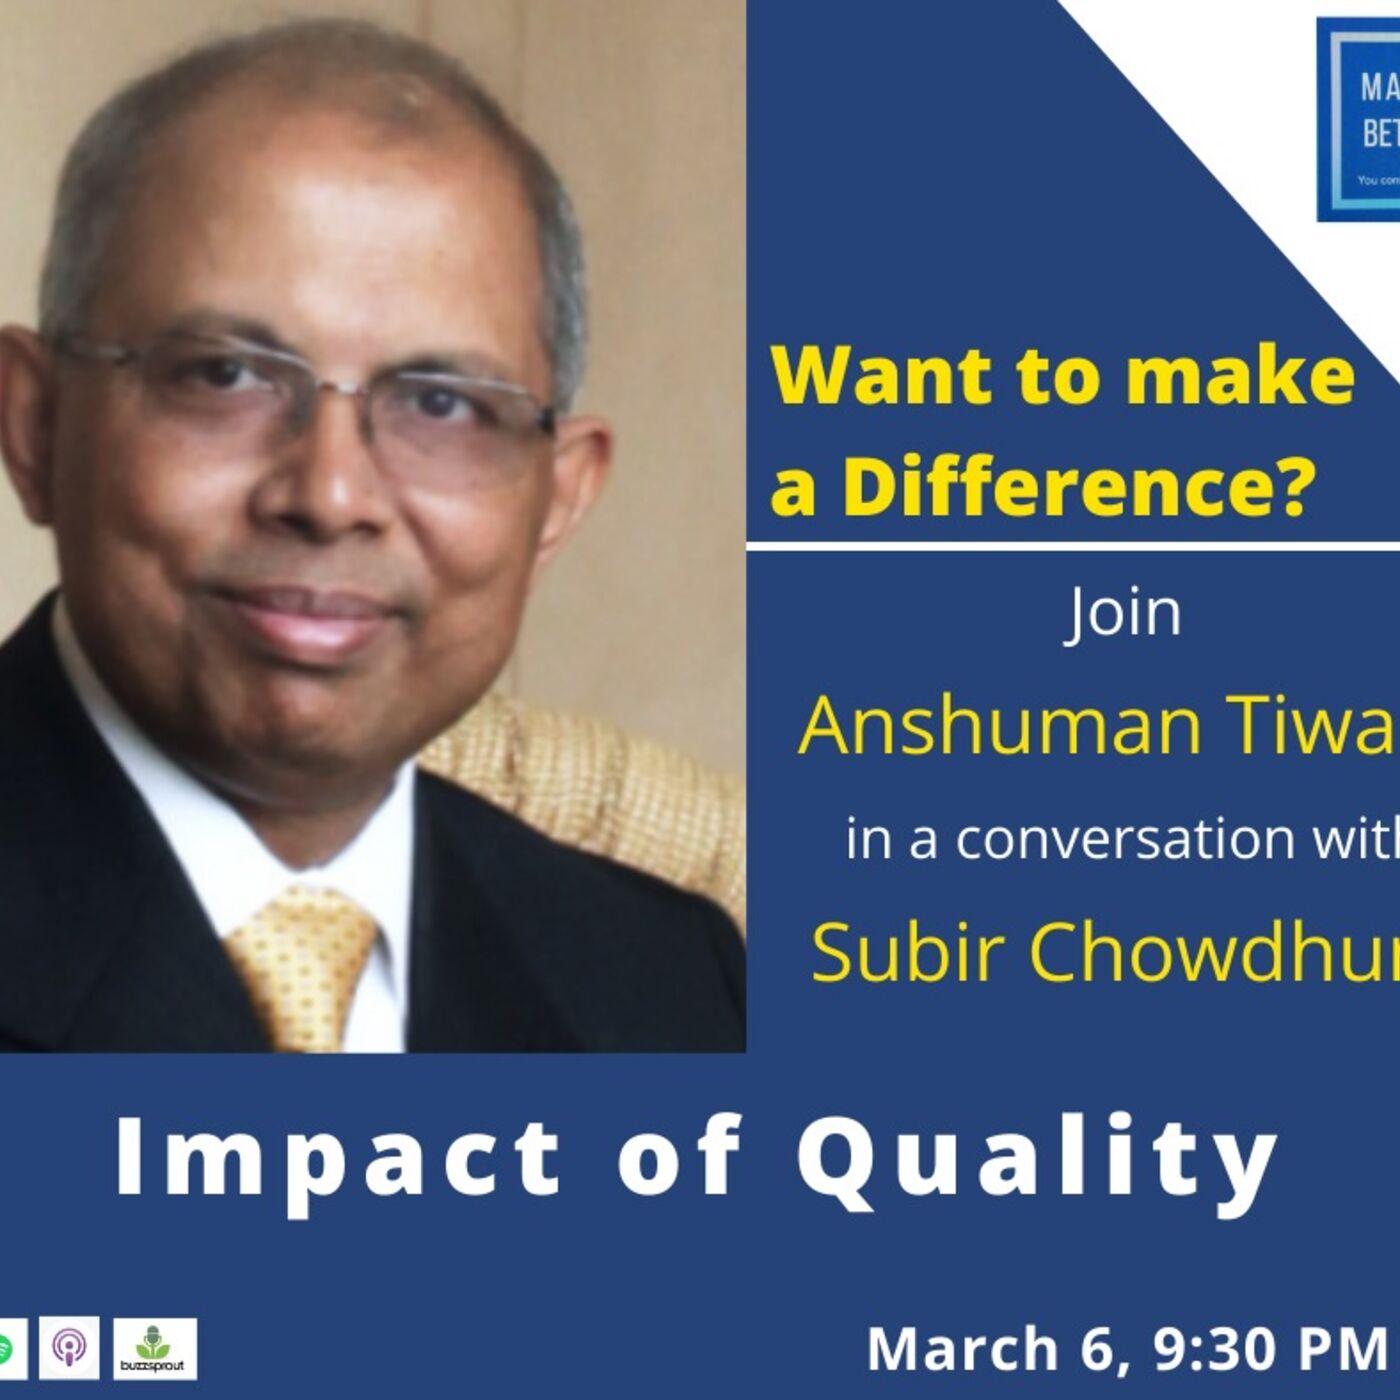 Impact of Quality - Subir Chowdhury